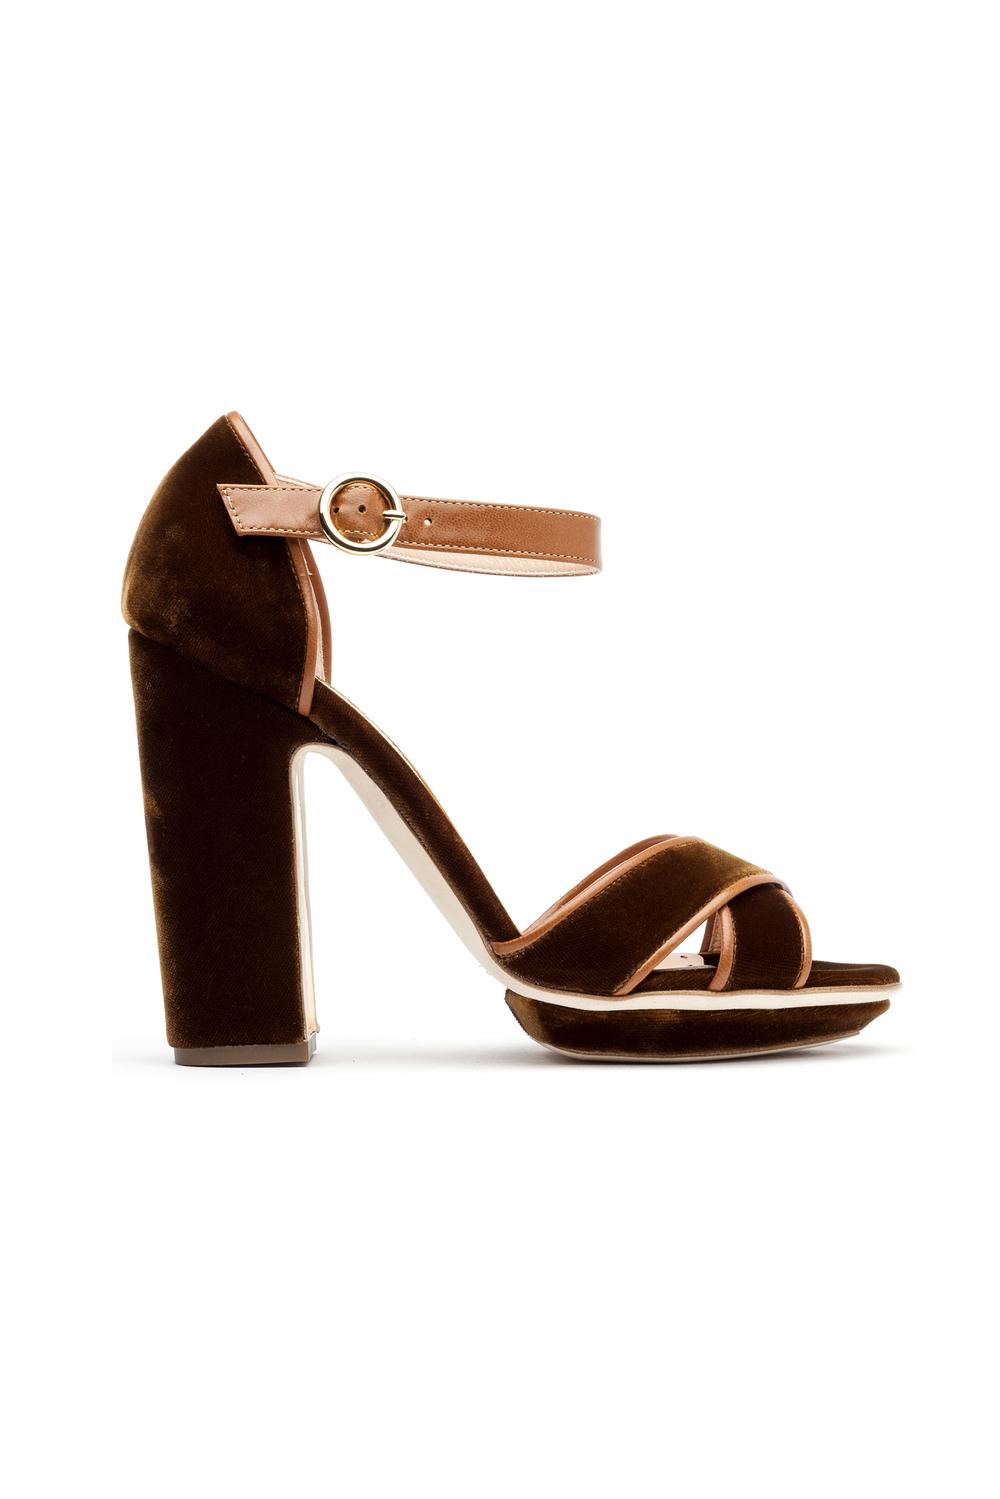 02-08-accessories-trends-fall-2015-velvet.jpg